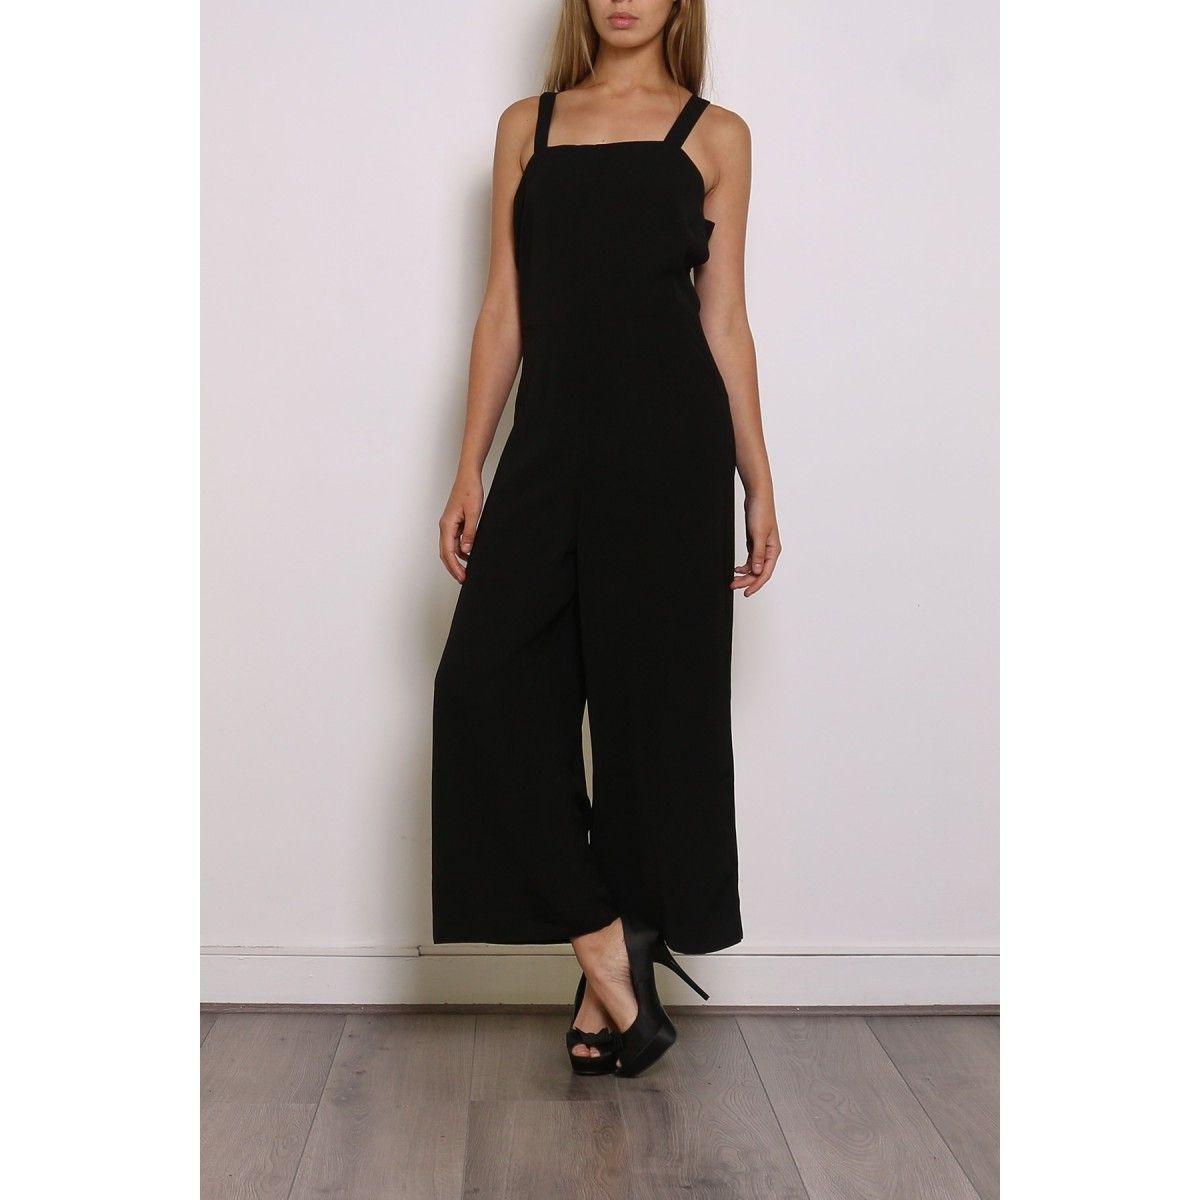 combinaison noire avec bretelles pantalon large 3 4 clothes women v tements femme. Black Bedroom Furniture Sets. Home Design Ideas